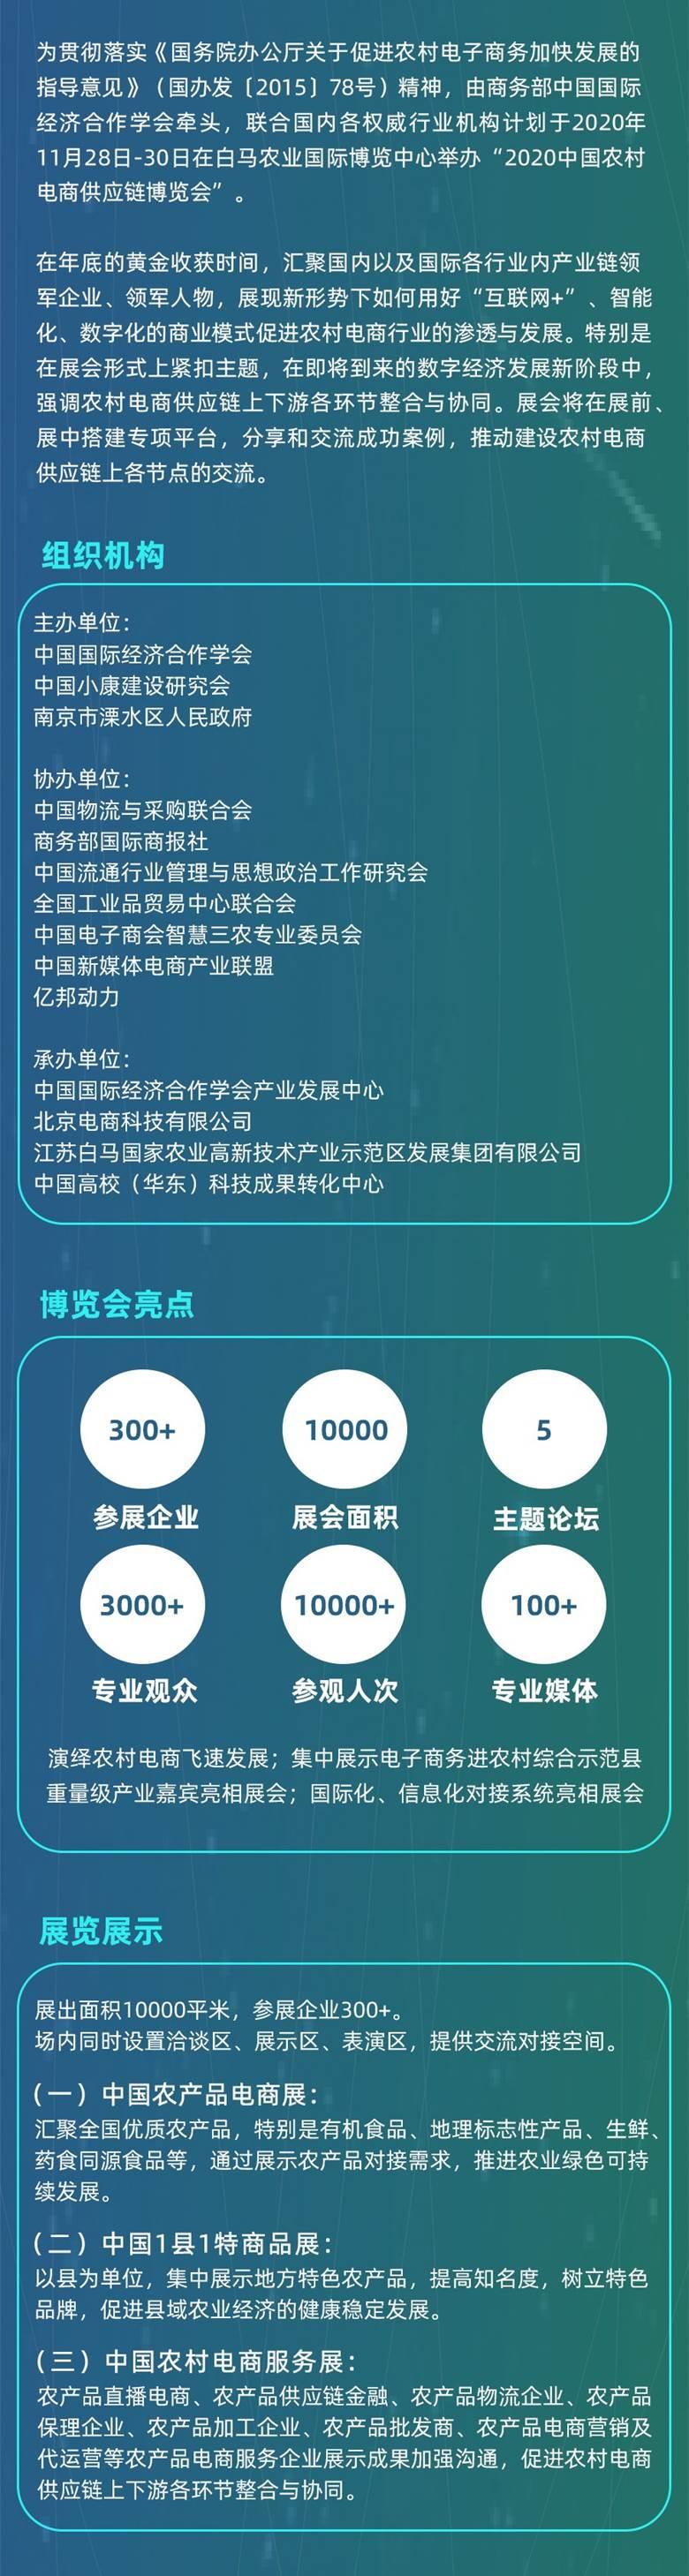 2020中国农村电商供应链博览会2.jpg